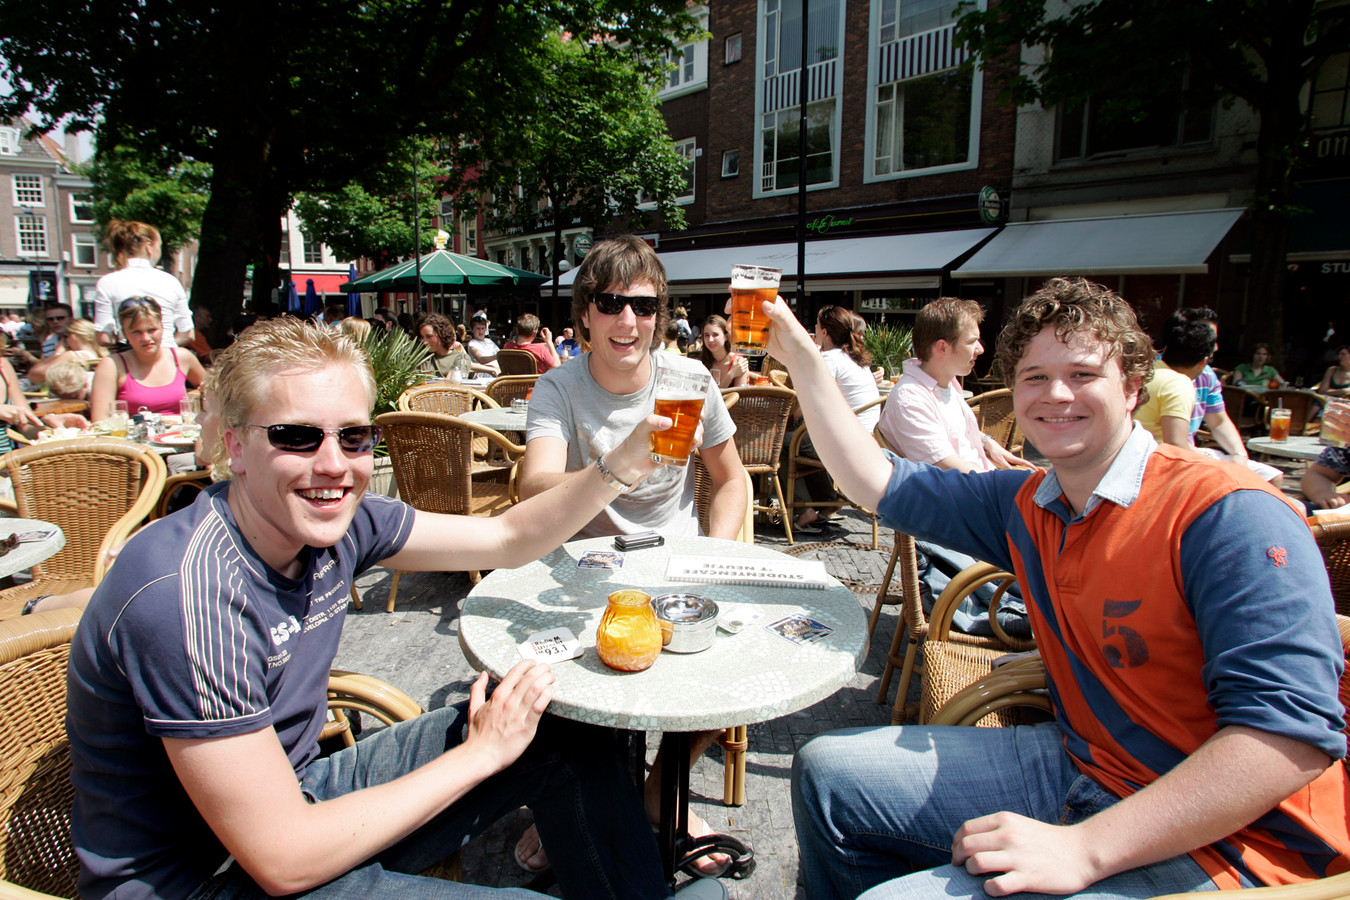 Volgende week kunnen we eindelijk weer een biertje doen op de Neude.